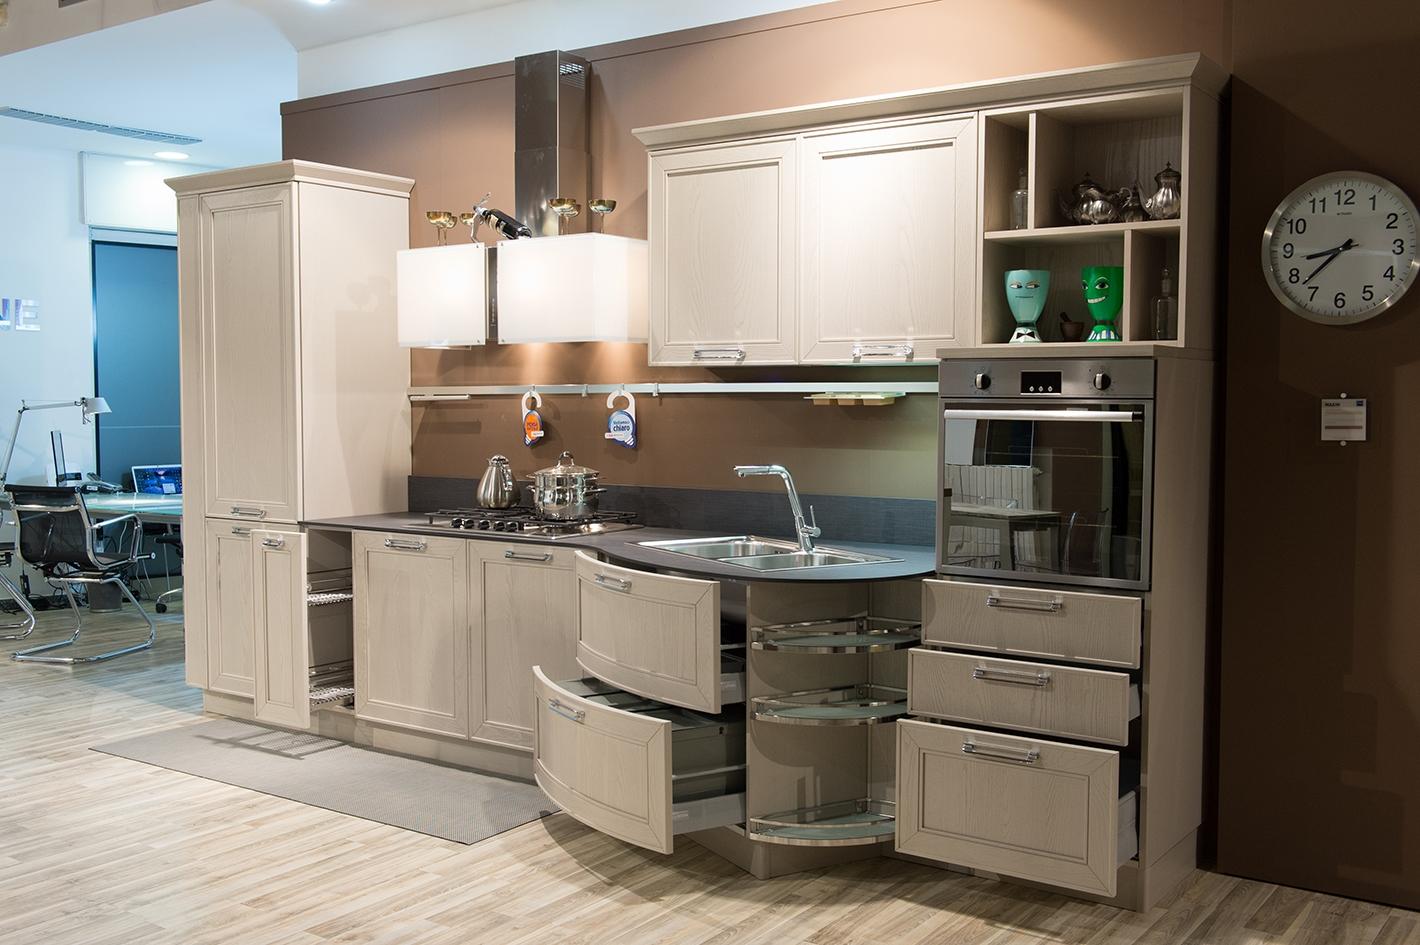 Stosa Cucine Prezzi - Design Per La Casa - W.aradz.com